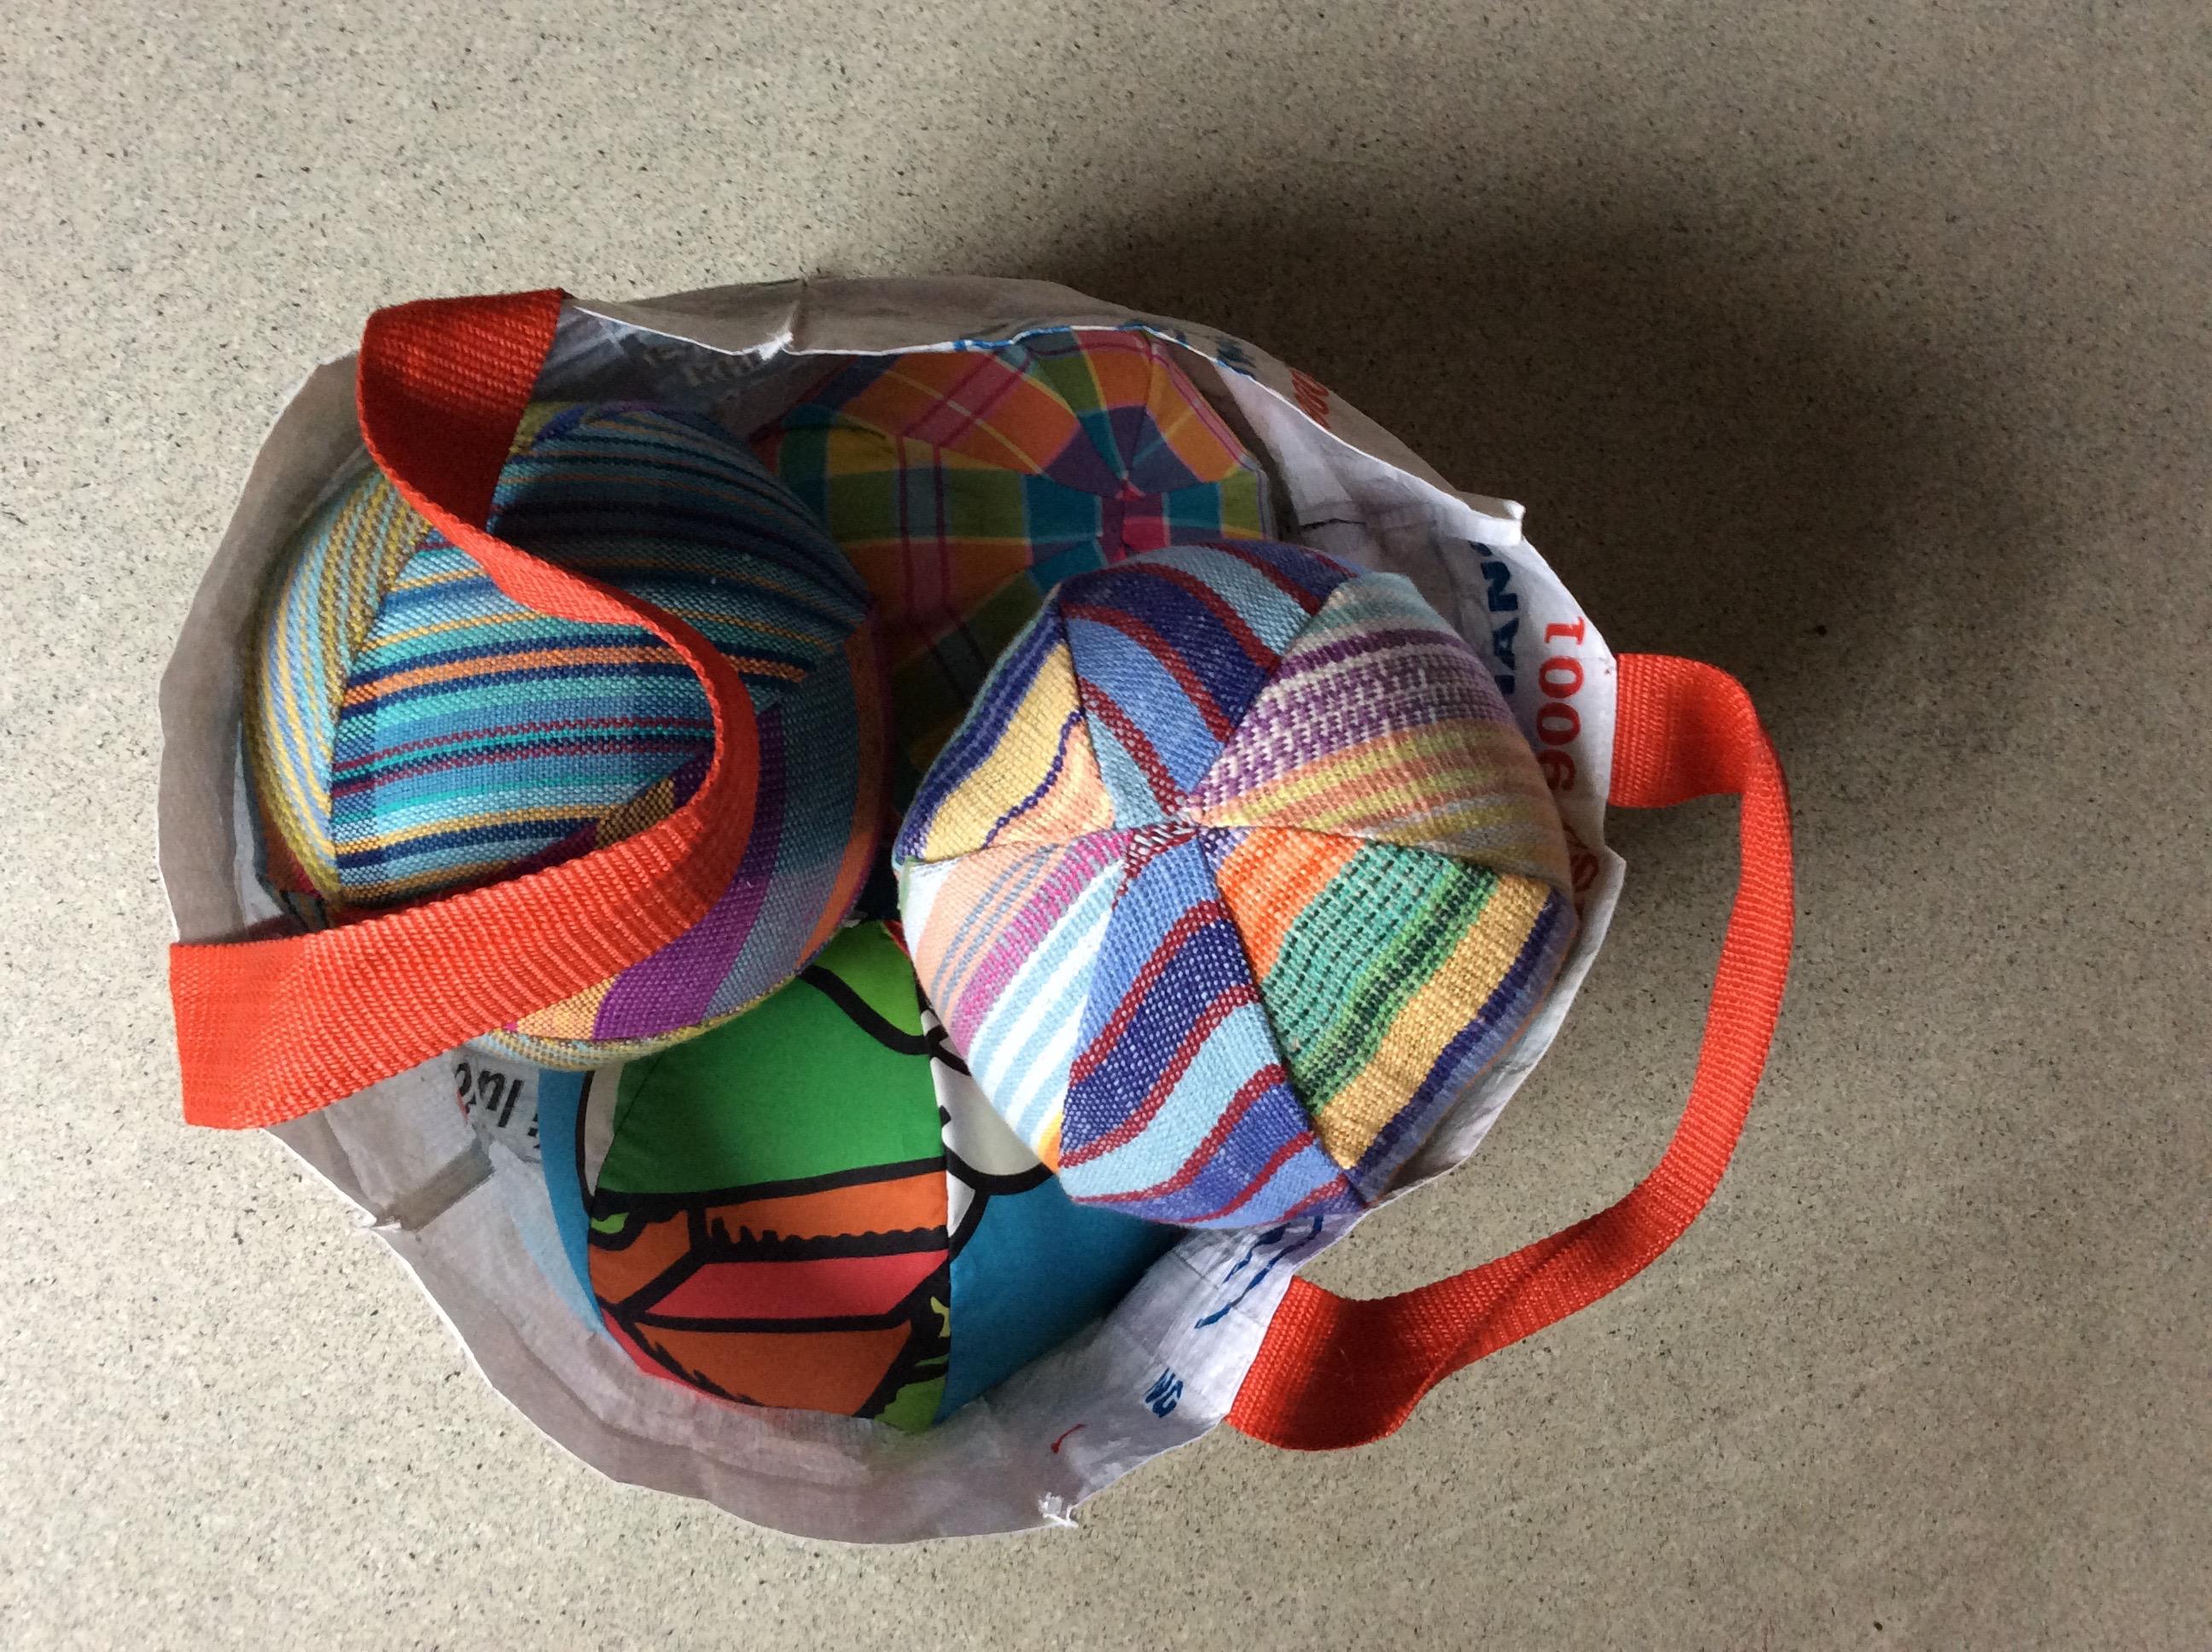 Matériel pour les jeux coopératifs réalisé à partir d'objets recyclés : Ballons